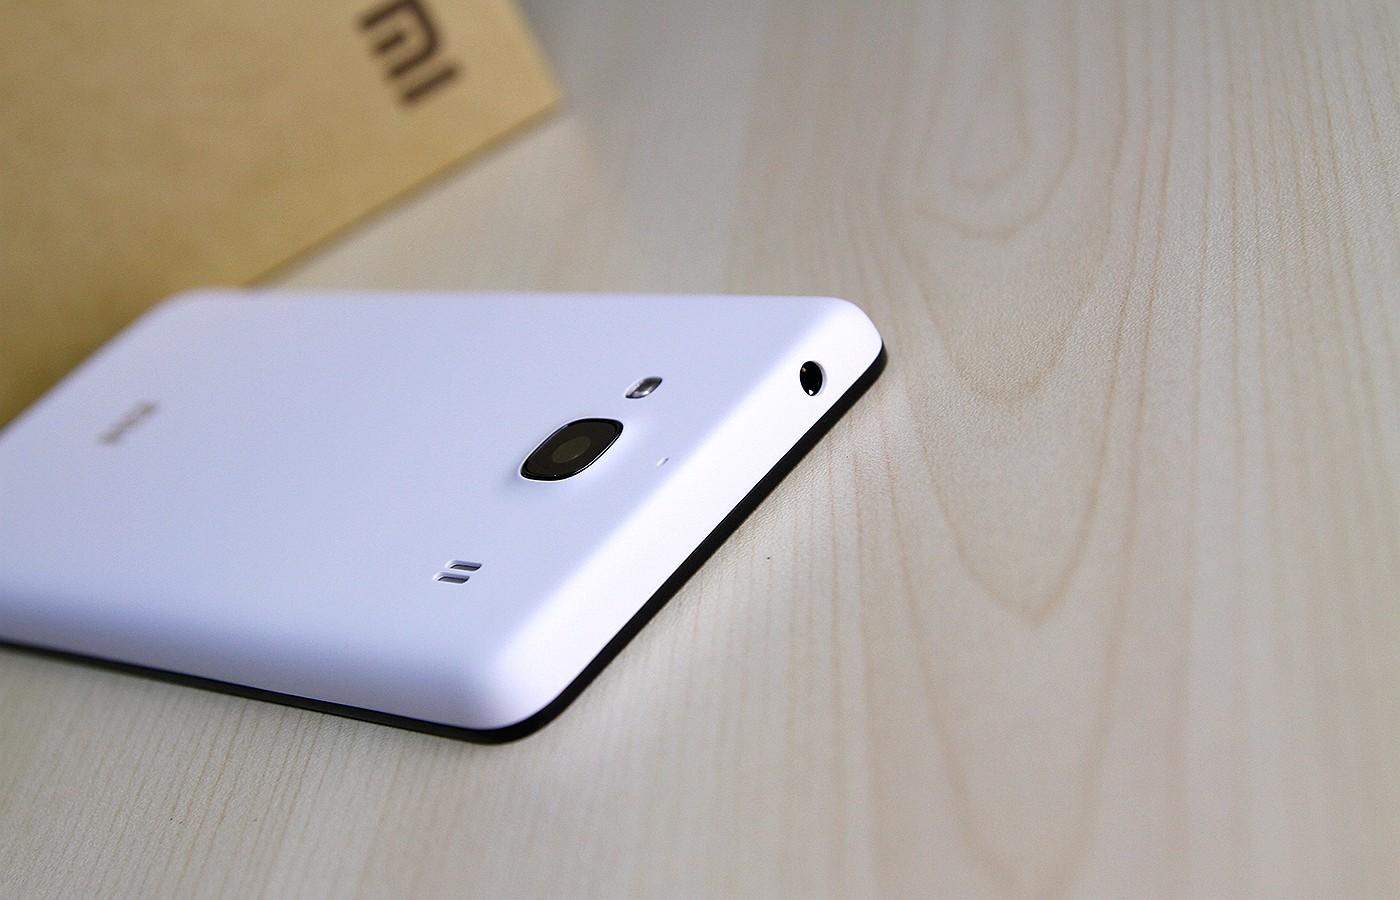 紅米手機2A搭載1.5GHz聯芯L1860C四核處理器,Mali T628MP2 雙核GPU;采用4.7英寸IPS屏幕,后置800萬像素相機,支持移動4G雙卡雙待。同時,它還內置1GB RAM+8GB ROM,電池容量為2200毫安時。售價為599元,4月8日米粉節特價499元。紅米手機2A搭載1.5GHz聯芯L1860C四核處理器,Mali T628MP2 雙核GPU;采用4.